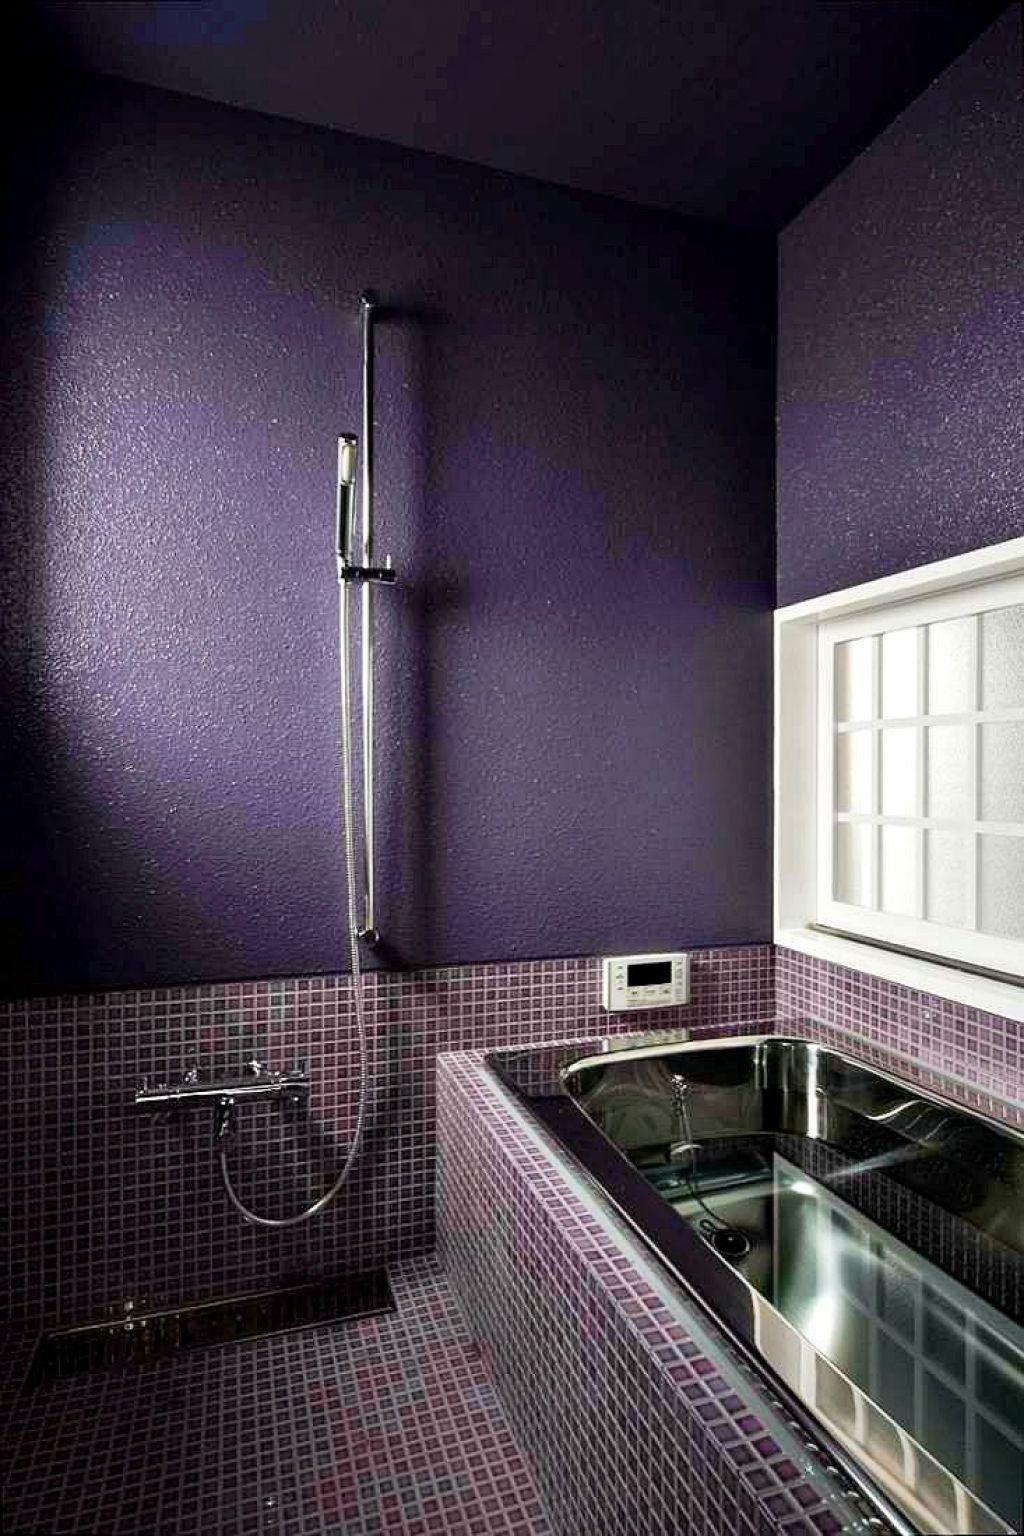 Purple Bathroom Decorating Ideas Purple Bathrooms Purple Bathroom Decor Bathroom Design